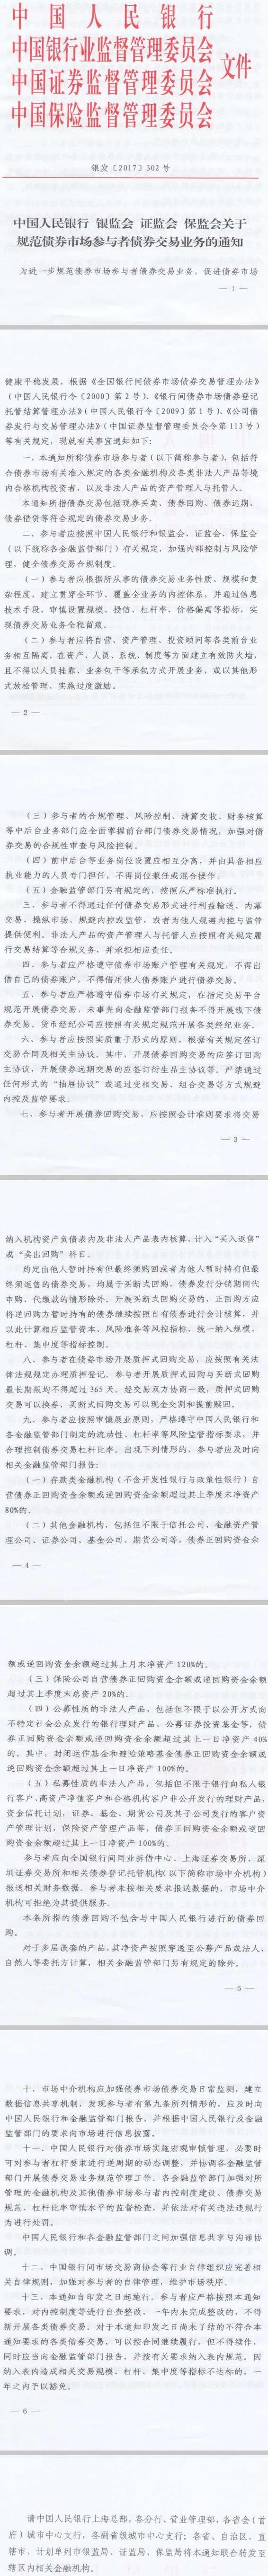 银发〔2017〕302号《中国人民银行银监会证监会保监会关于规范债券市场参与者债券交易业务的通知》